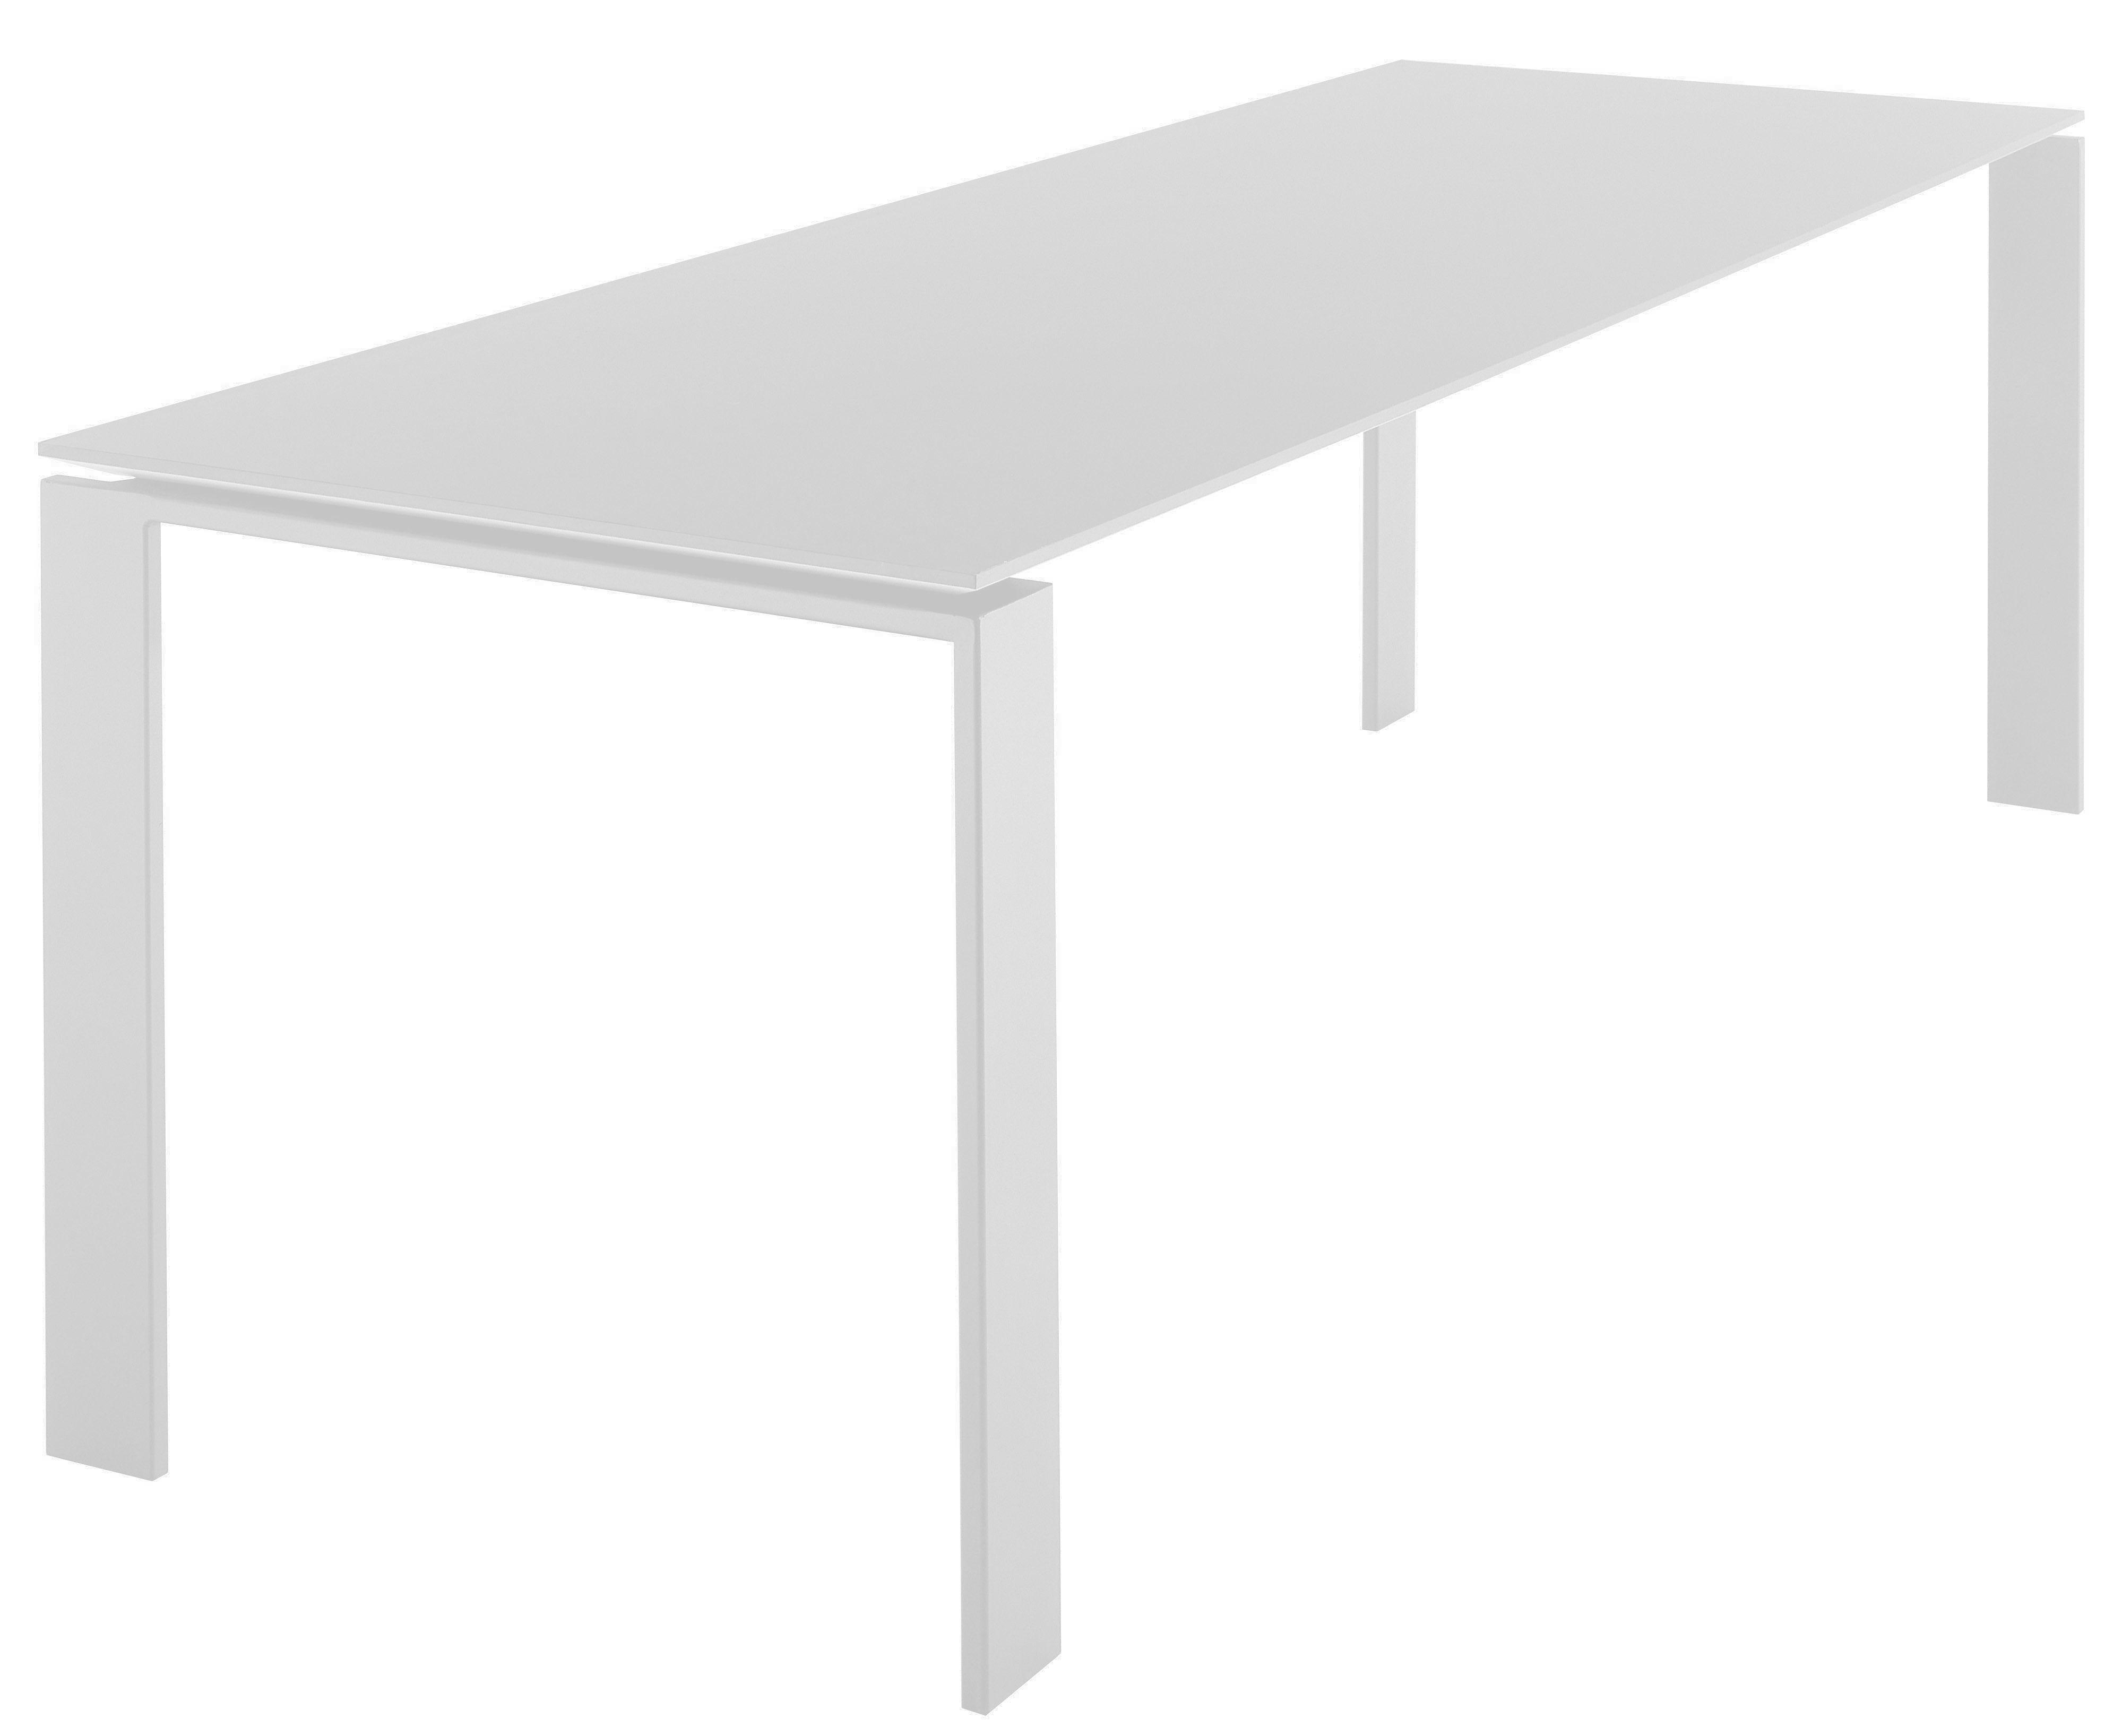 Möbel - Tische - Four Tisch - Kartell - Weiß 158 cm - gefirnister Stahl, Laminat